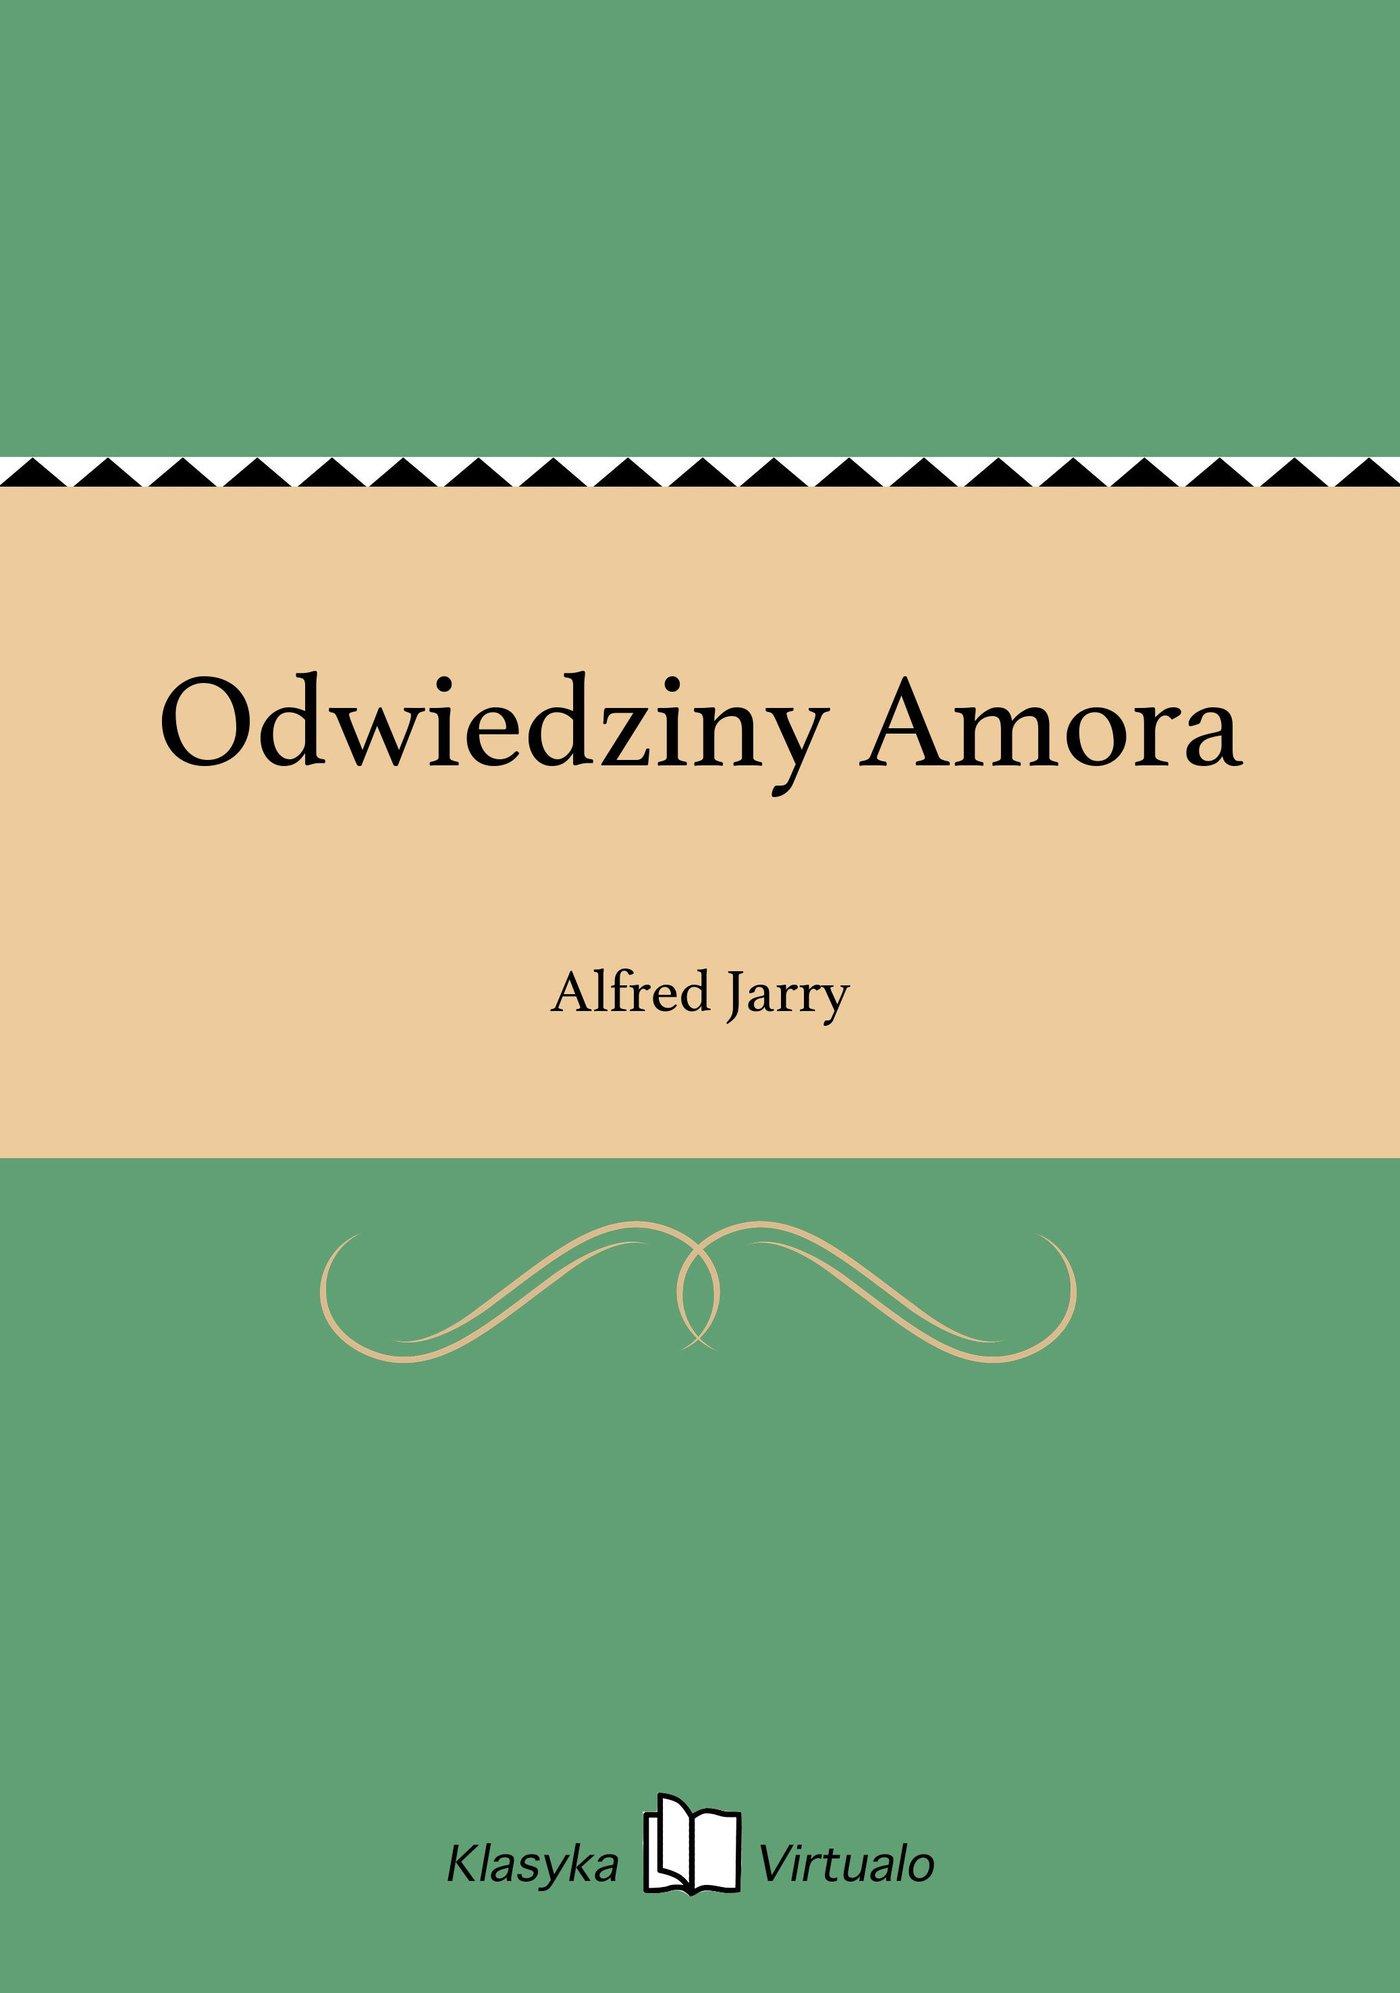 Odwiedziny Amora - Ebook (Książka EPUB) do pobrania w formacie EPUB